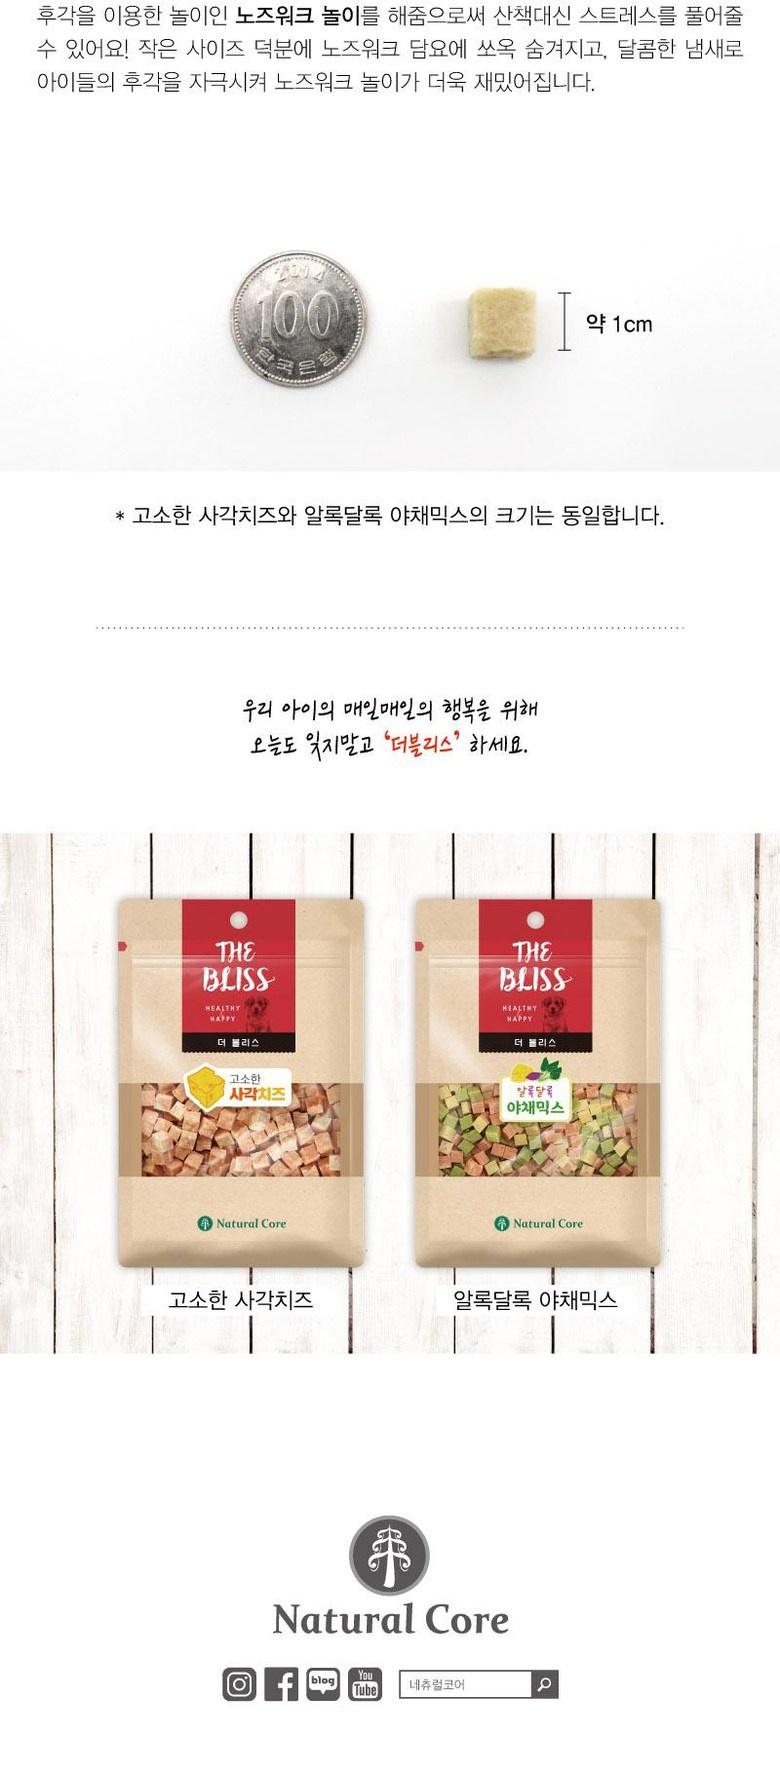 네츄럴코어 더블리스 고소한 사각치즈/알록달록 야채믹스 (200g)-상품이미지-1